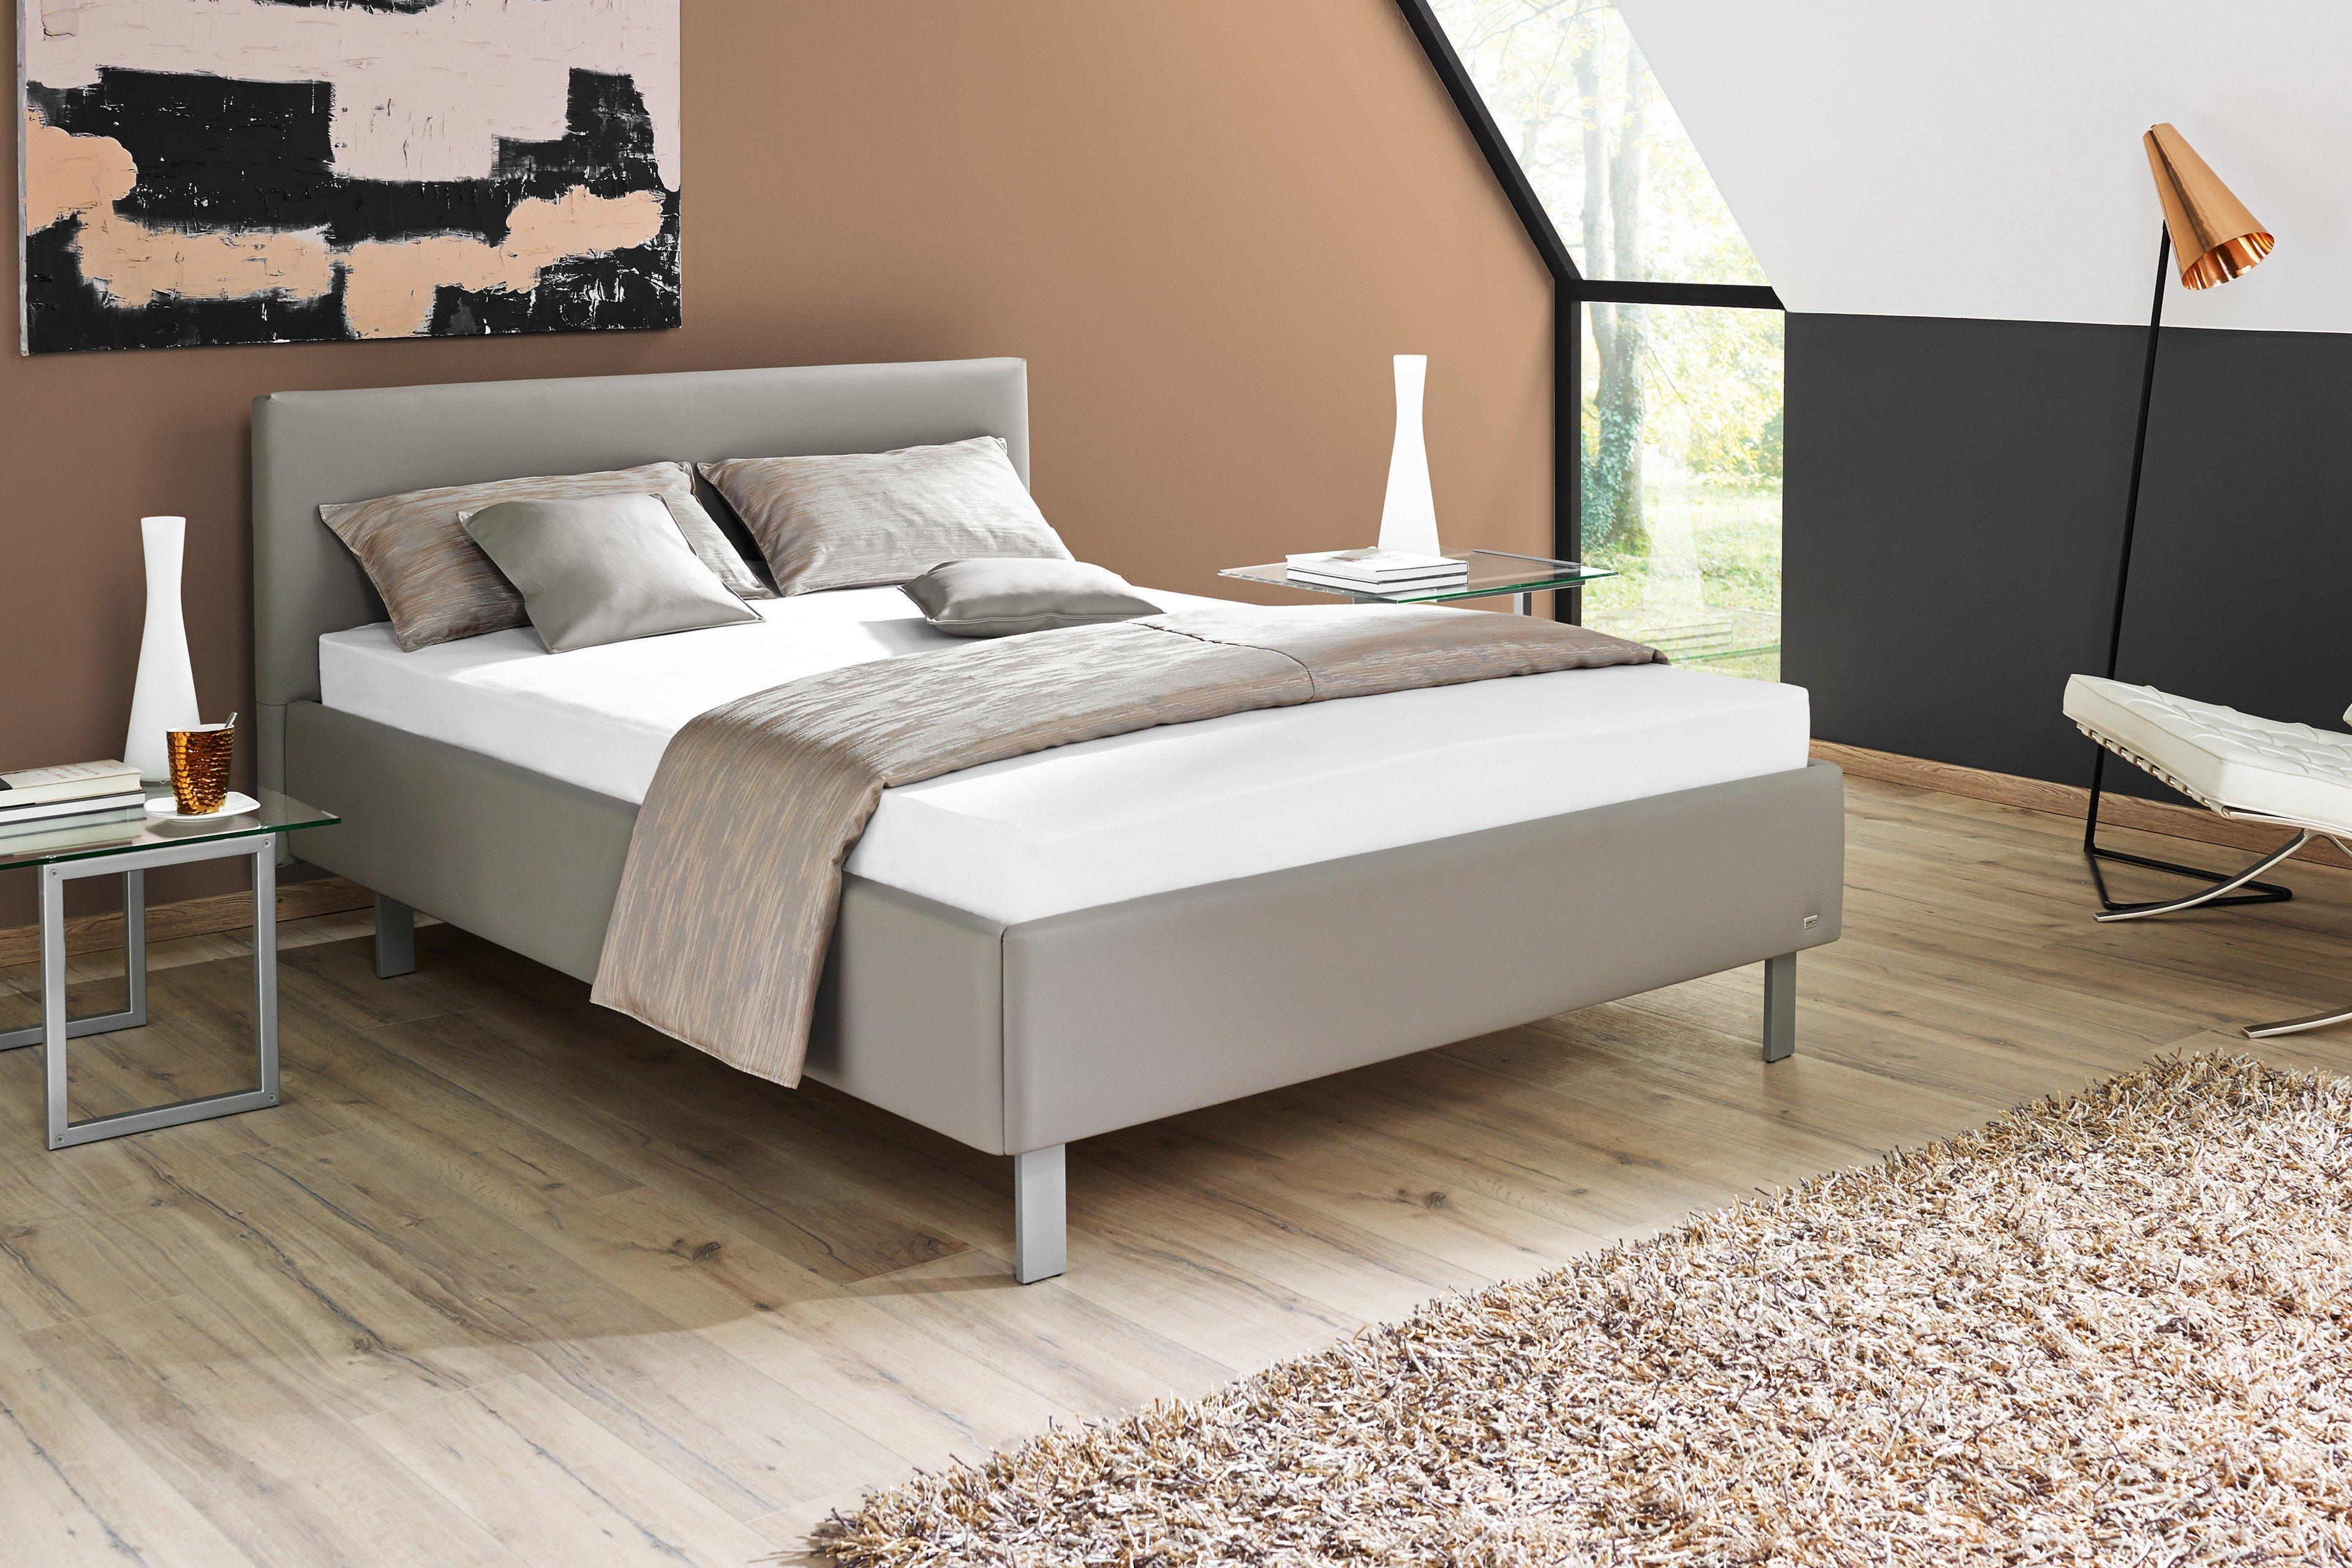 ruf polsterbett modell casa in hellgrau mit geradem kopfteil m bel letz ihr online shop. Black Bedroom Furniture Sets. Home Design Ideas